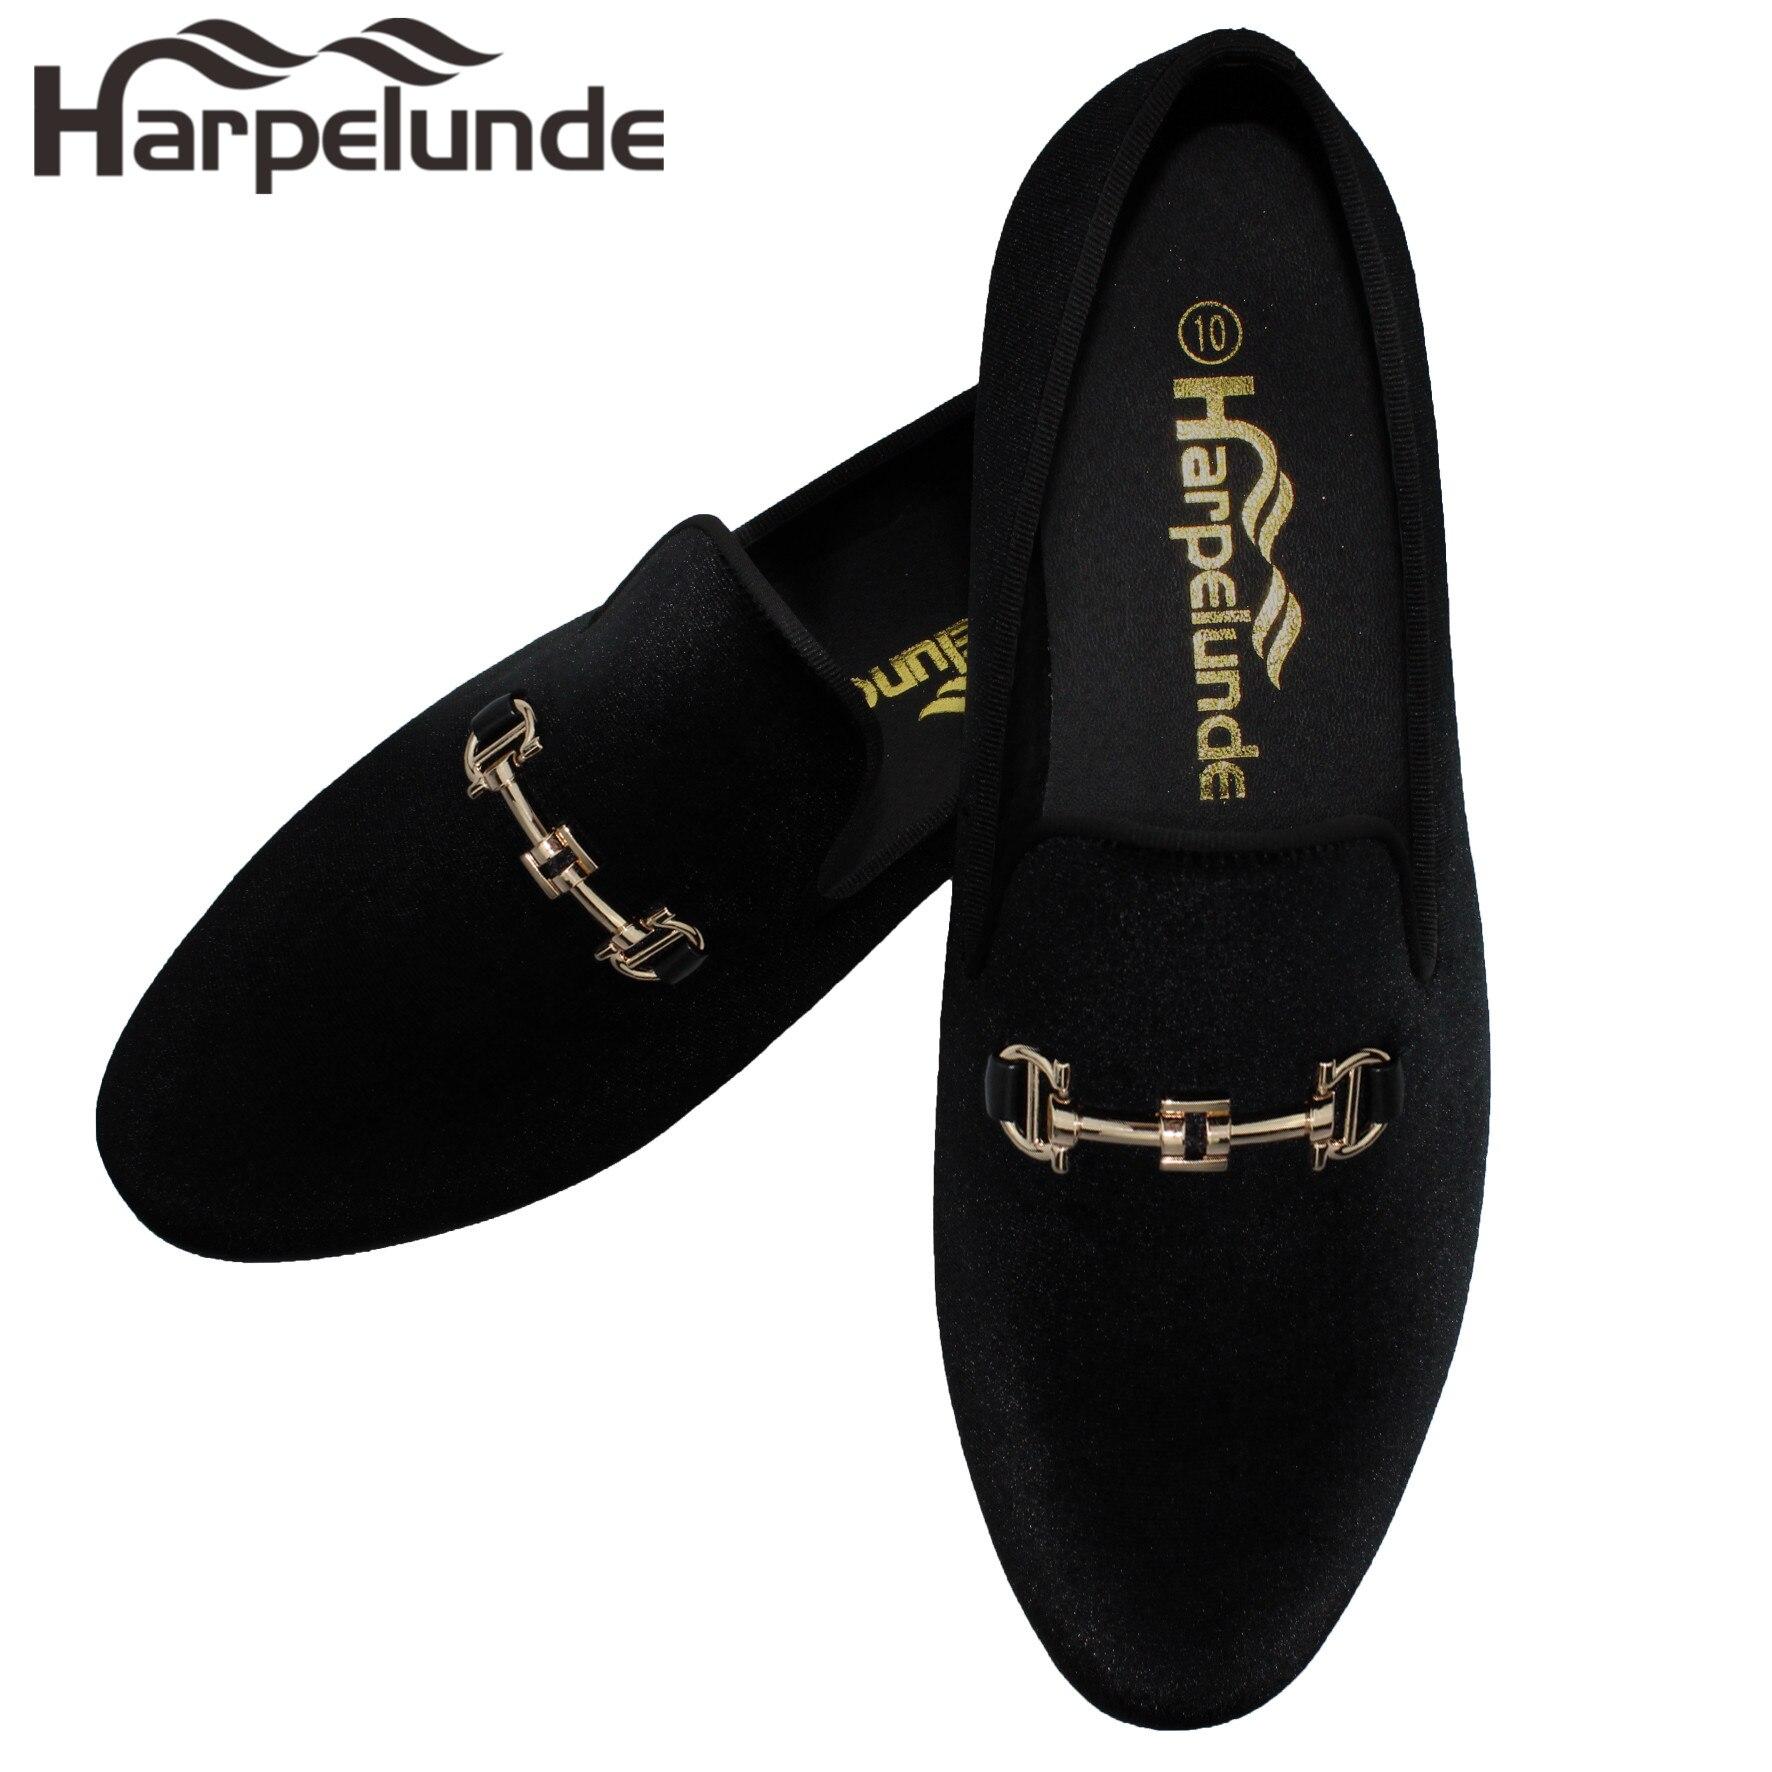 6dafdd516 Harpelunde New Arrival Men Dress Shoes Black Velvet Loafers Gold Buckle  Flats